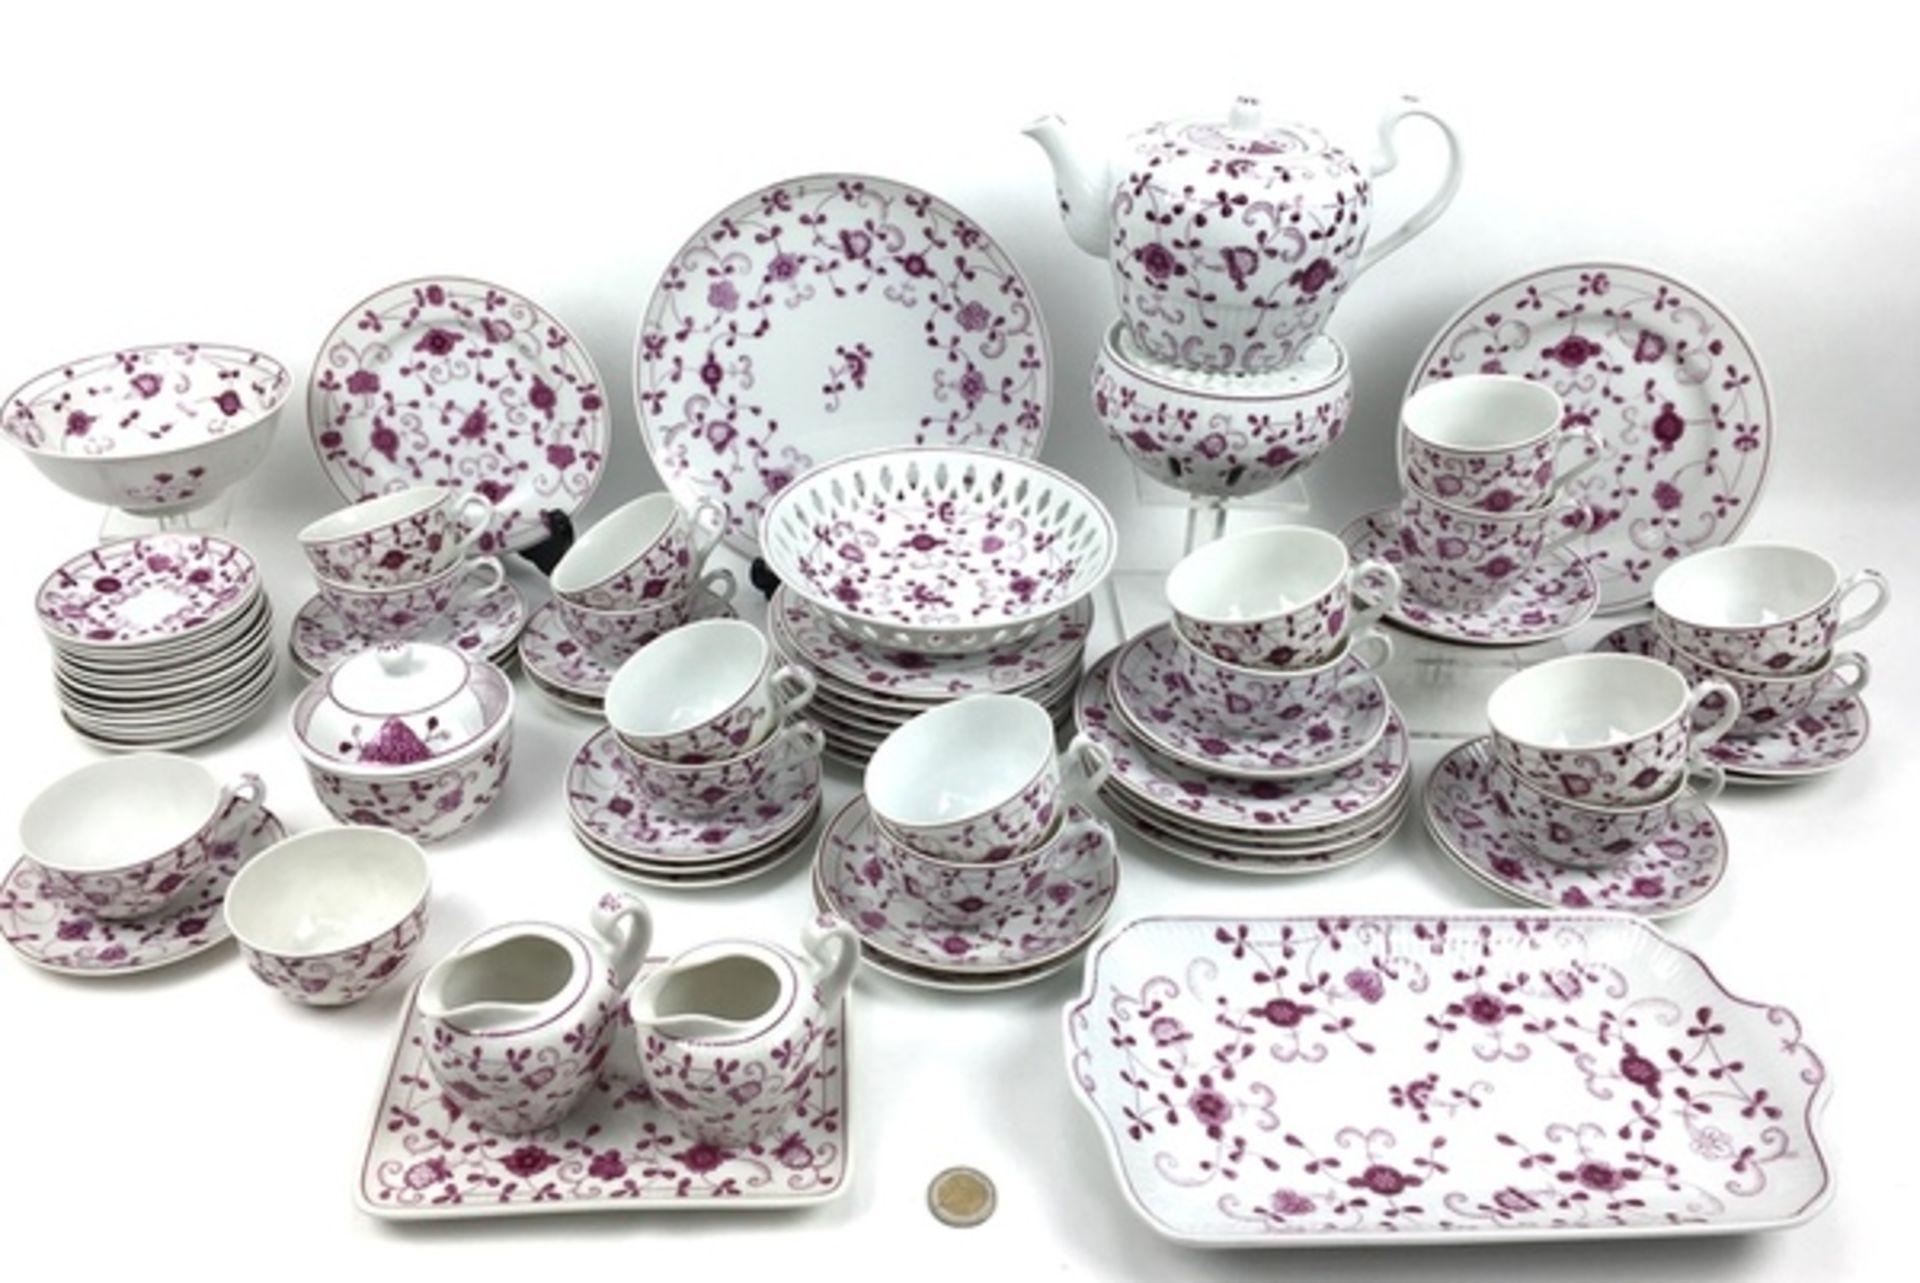 (Curiosa) Koffie-en thee servies August WarneckeKoffie-en theeservies waaronder serveerborden, - Image 2 of 8